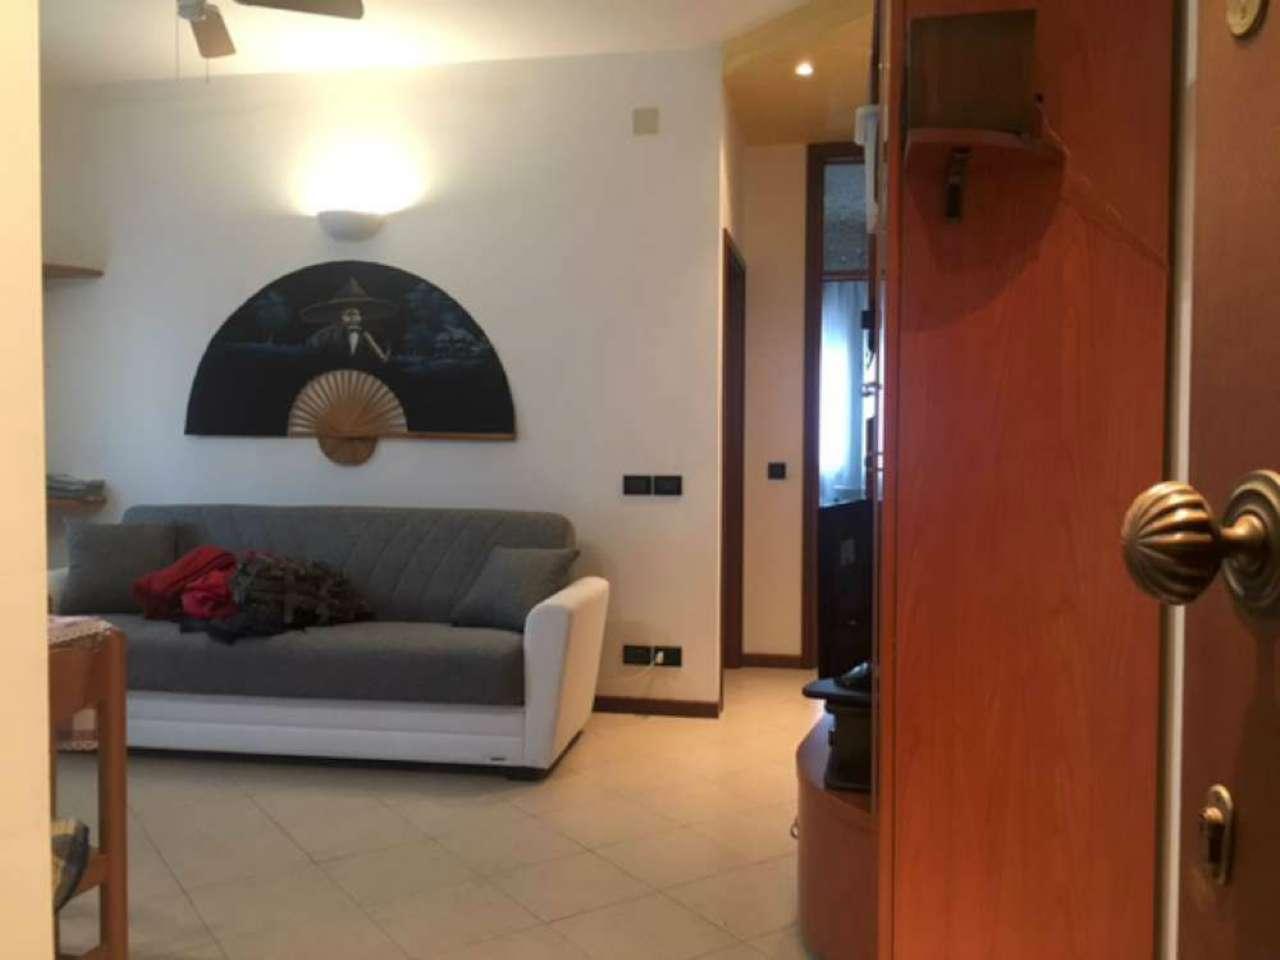 Appartamento in vendita a Quarto d'Altino, 3 locali, prezzo € 65.000 | CambioCasa.it